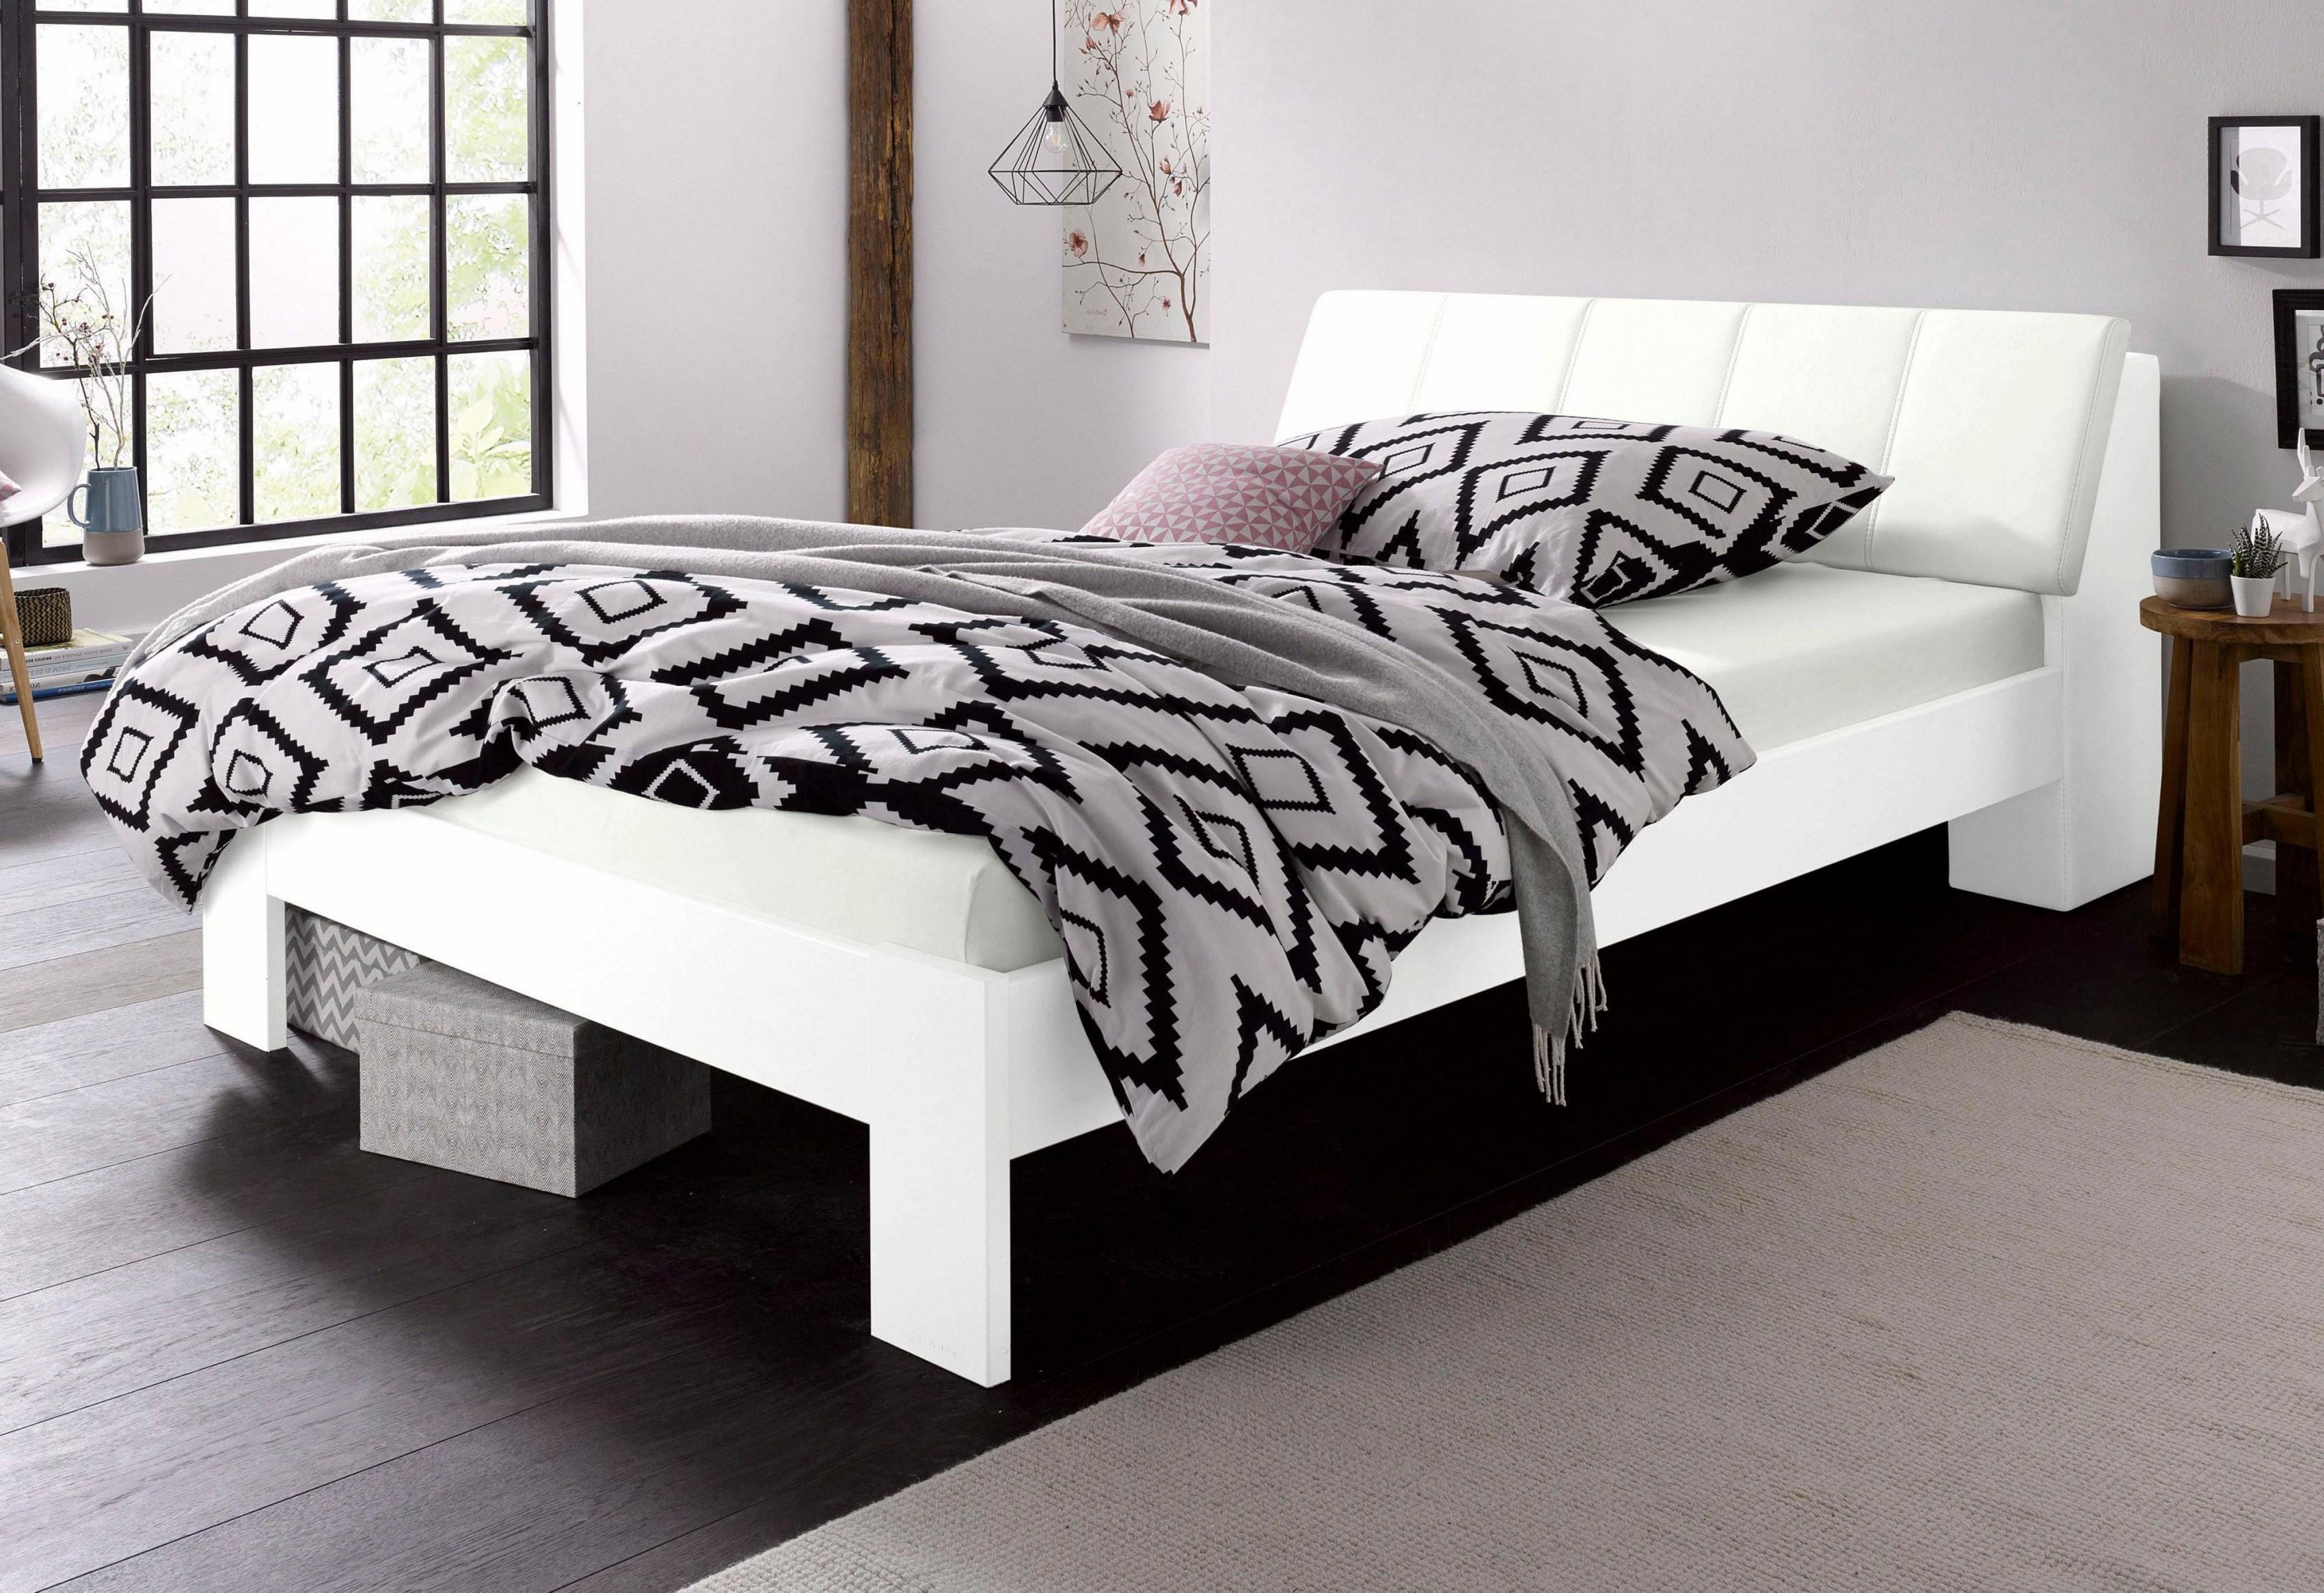 Atemberaubend Bett Bestellen Futonbett Mit Bettkasten Im Kopfteil von Boxspringbett 140X200 Baur Bild